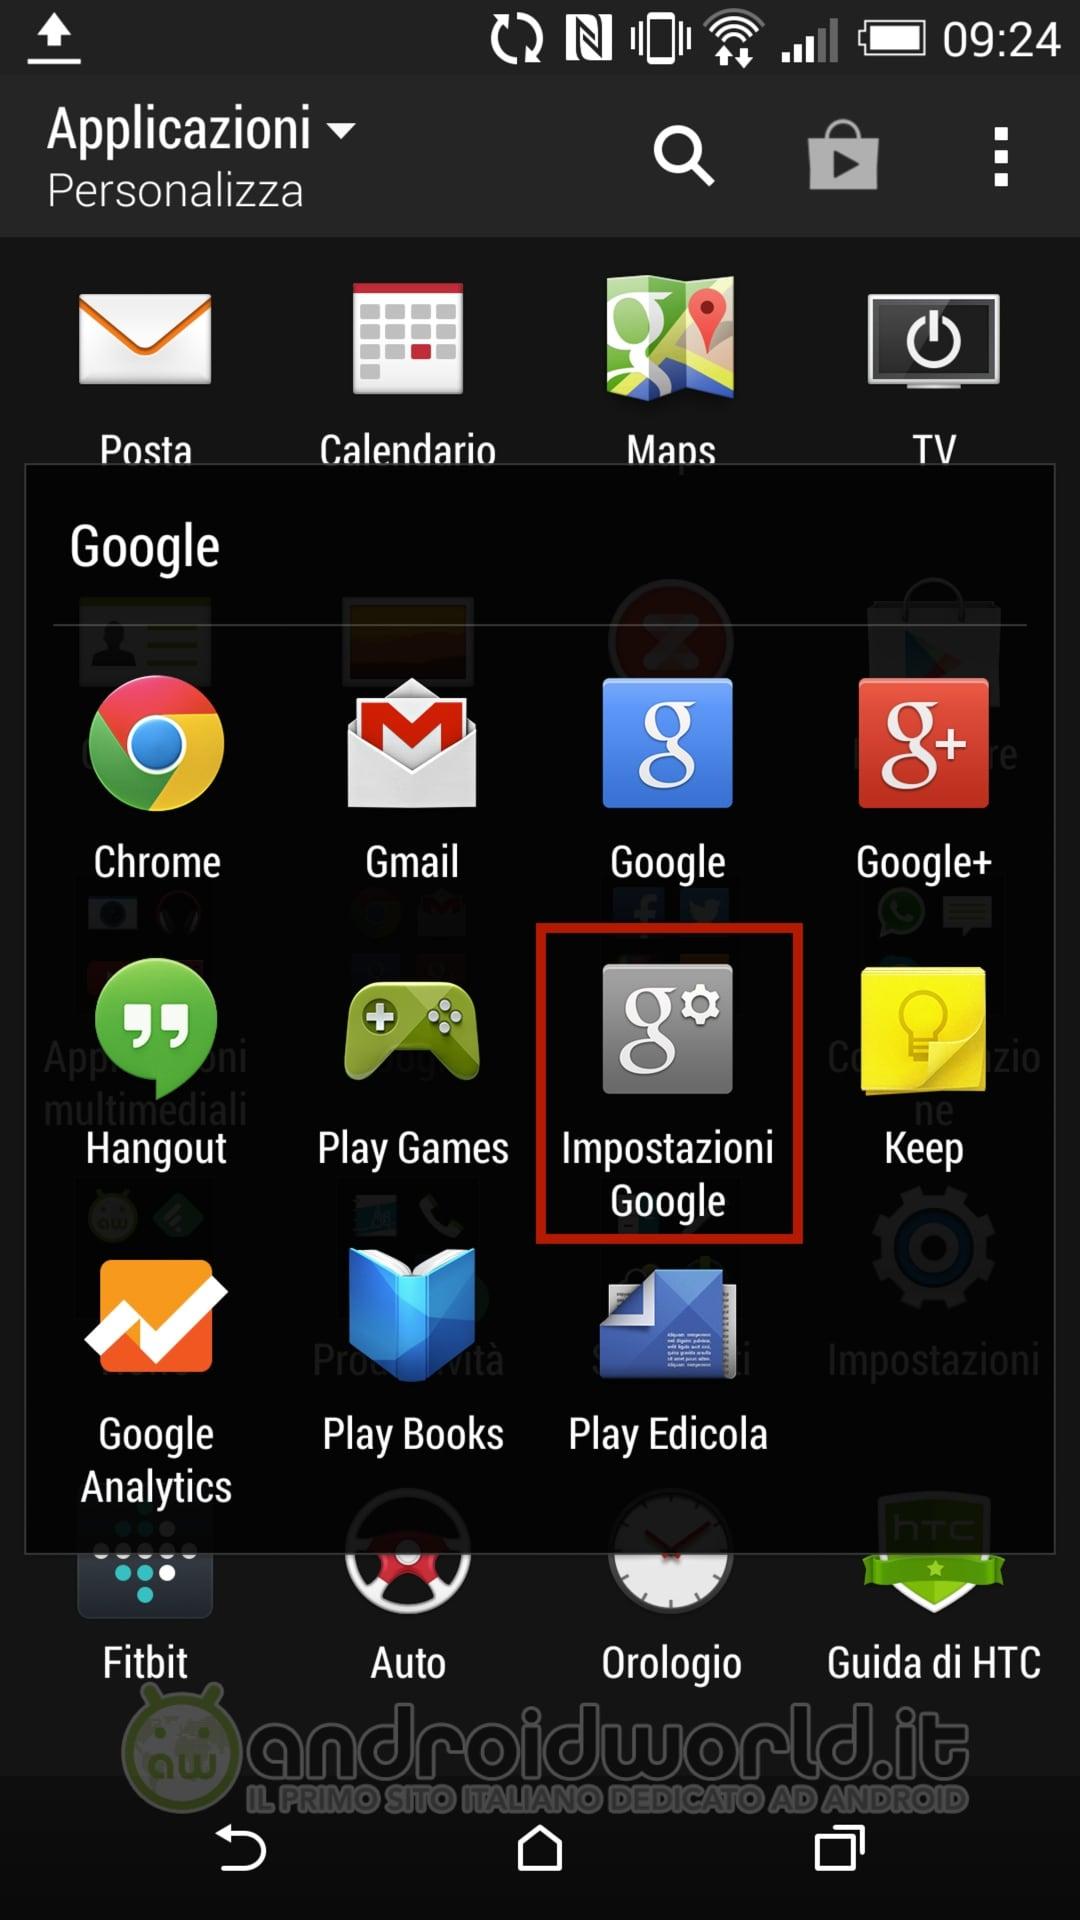 Ritrovare il cellulare rubato o perso: app per tutti i telefoni